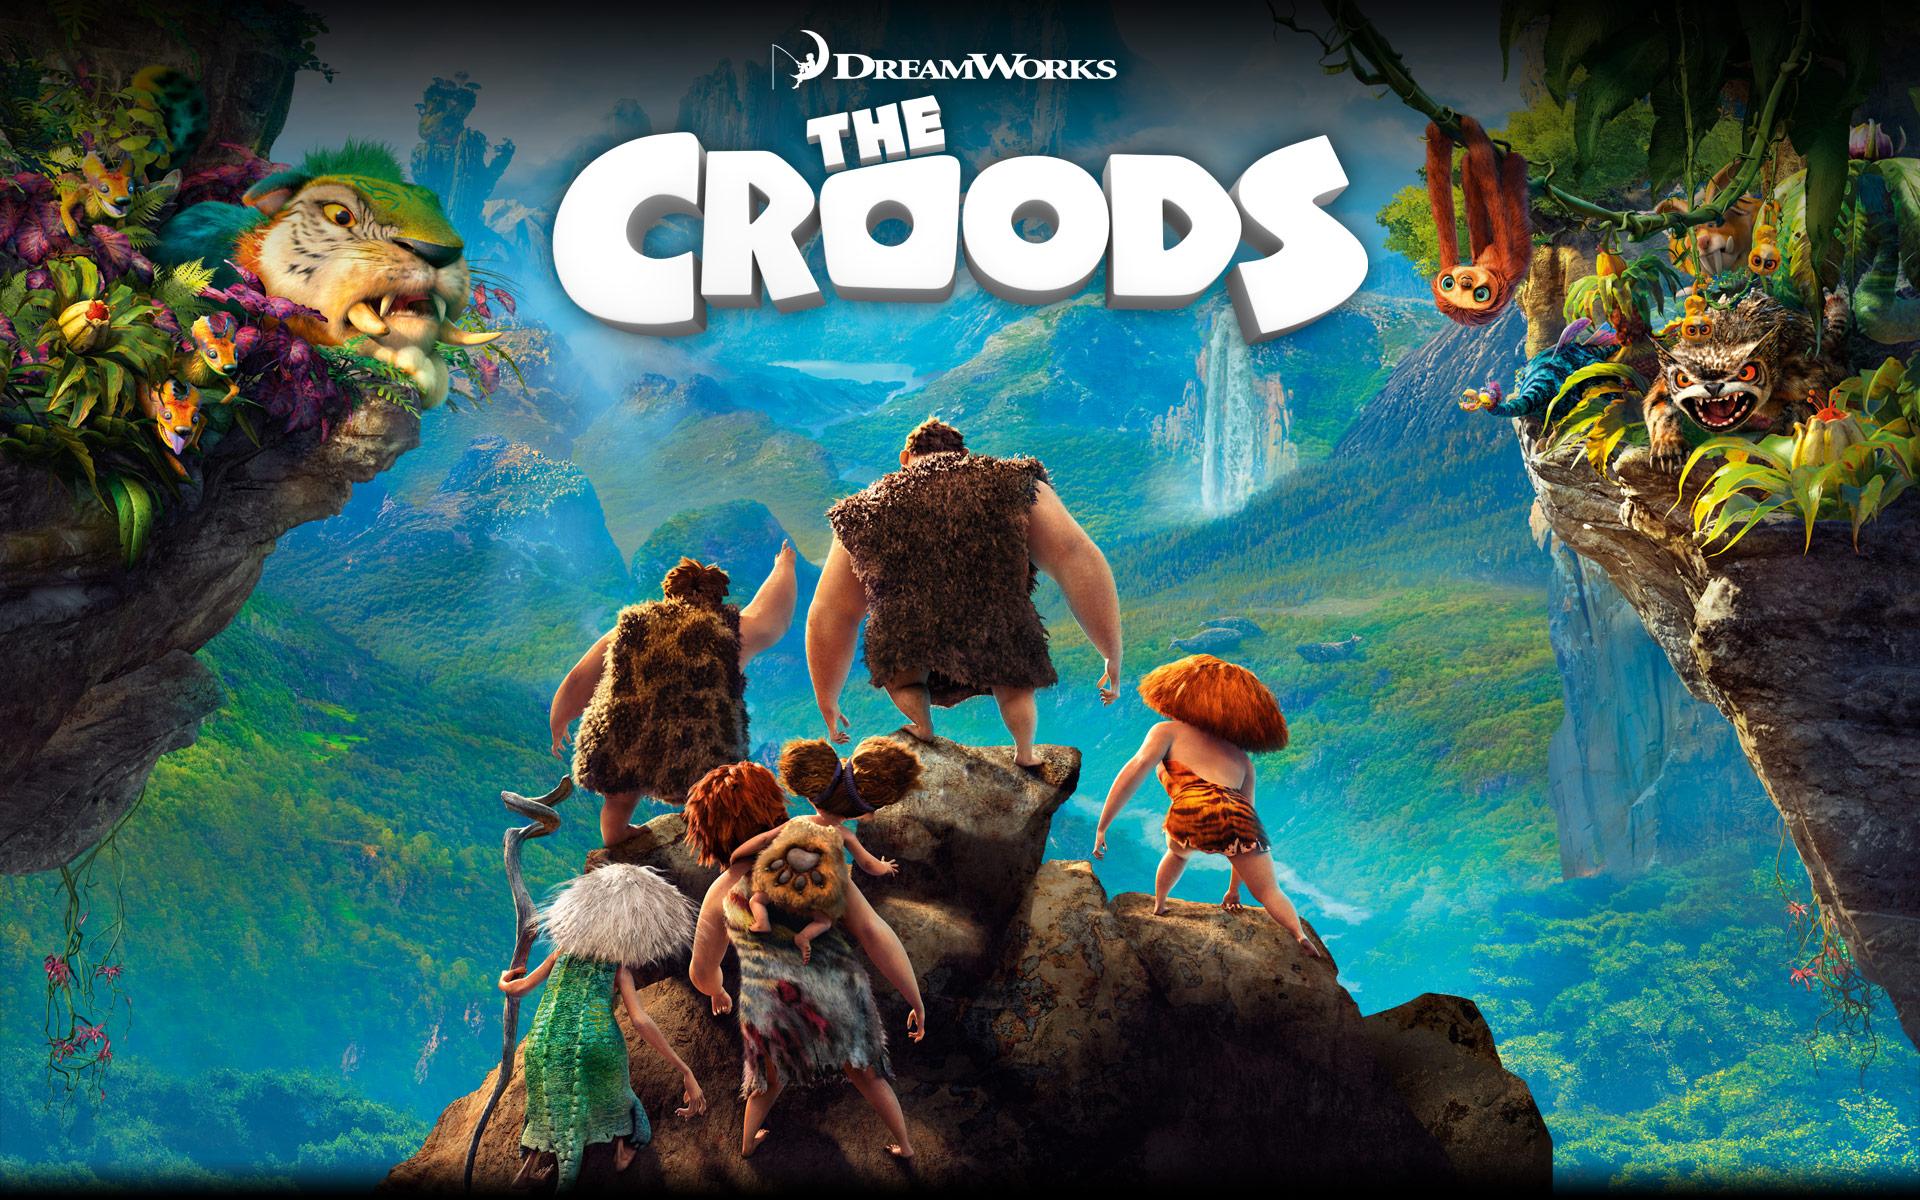 the croods movie desktop wallpaper 61679